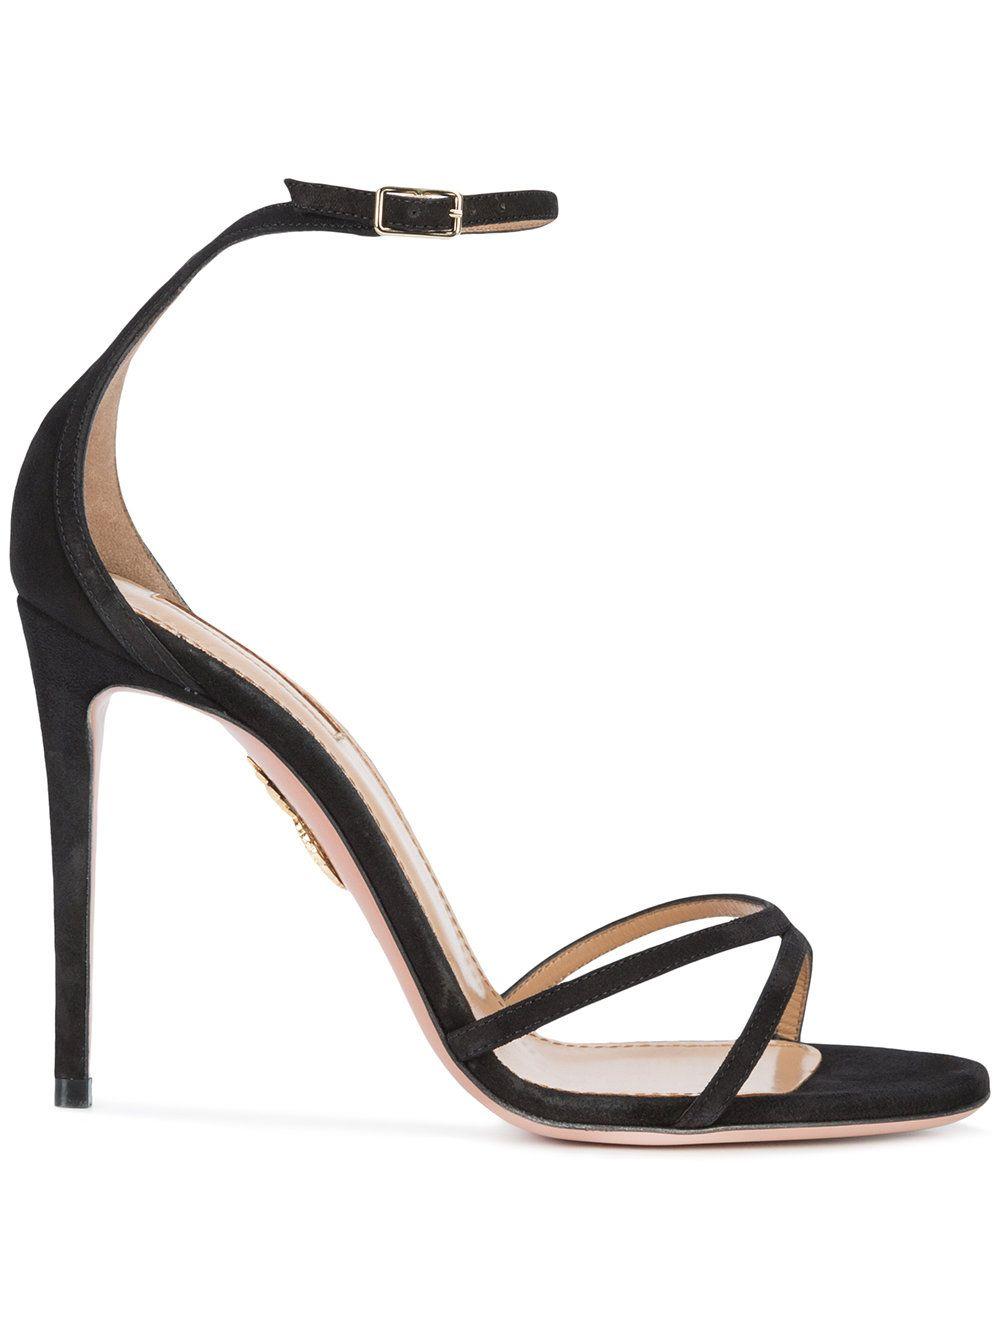 3e229ca78 Aquazzura Purist sandals